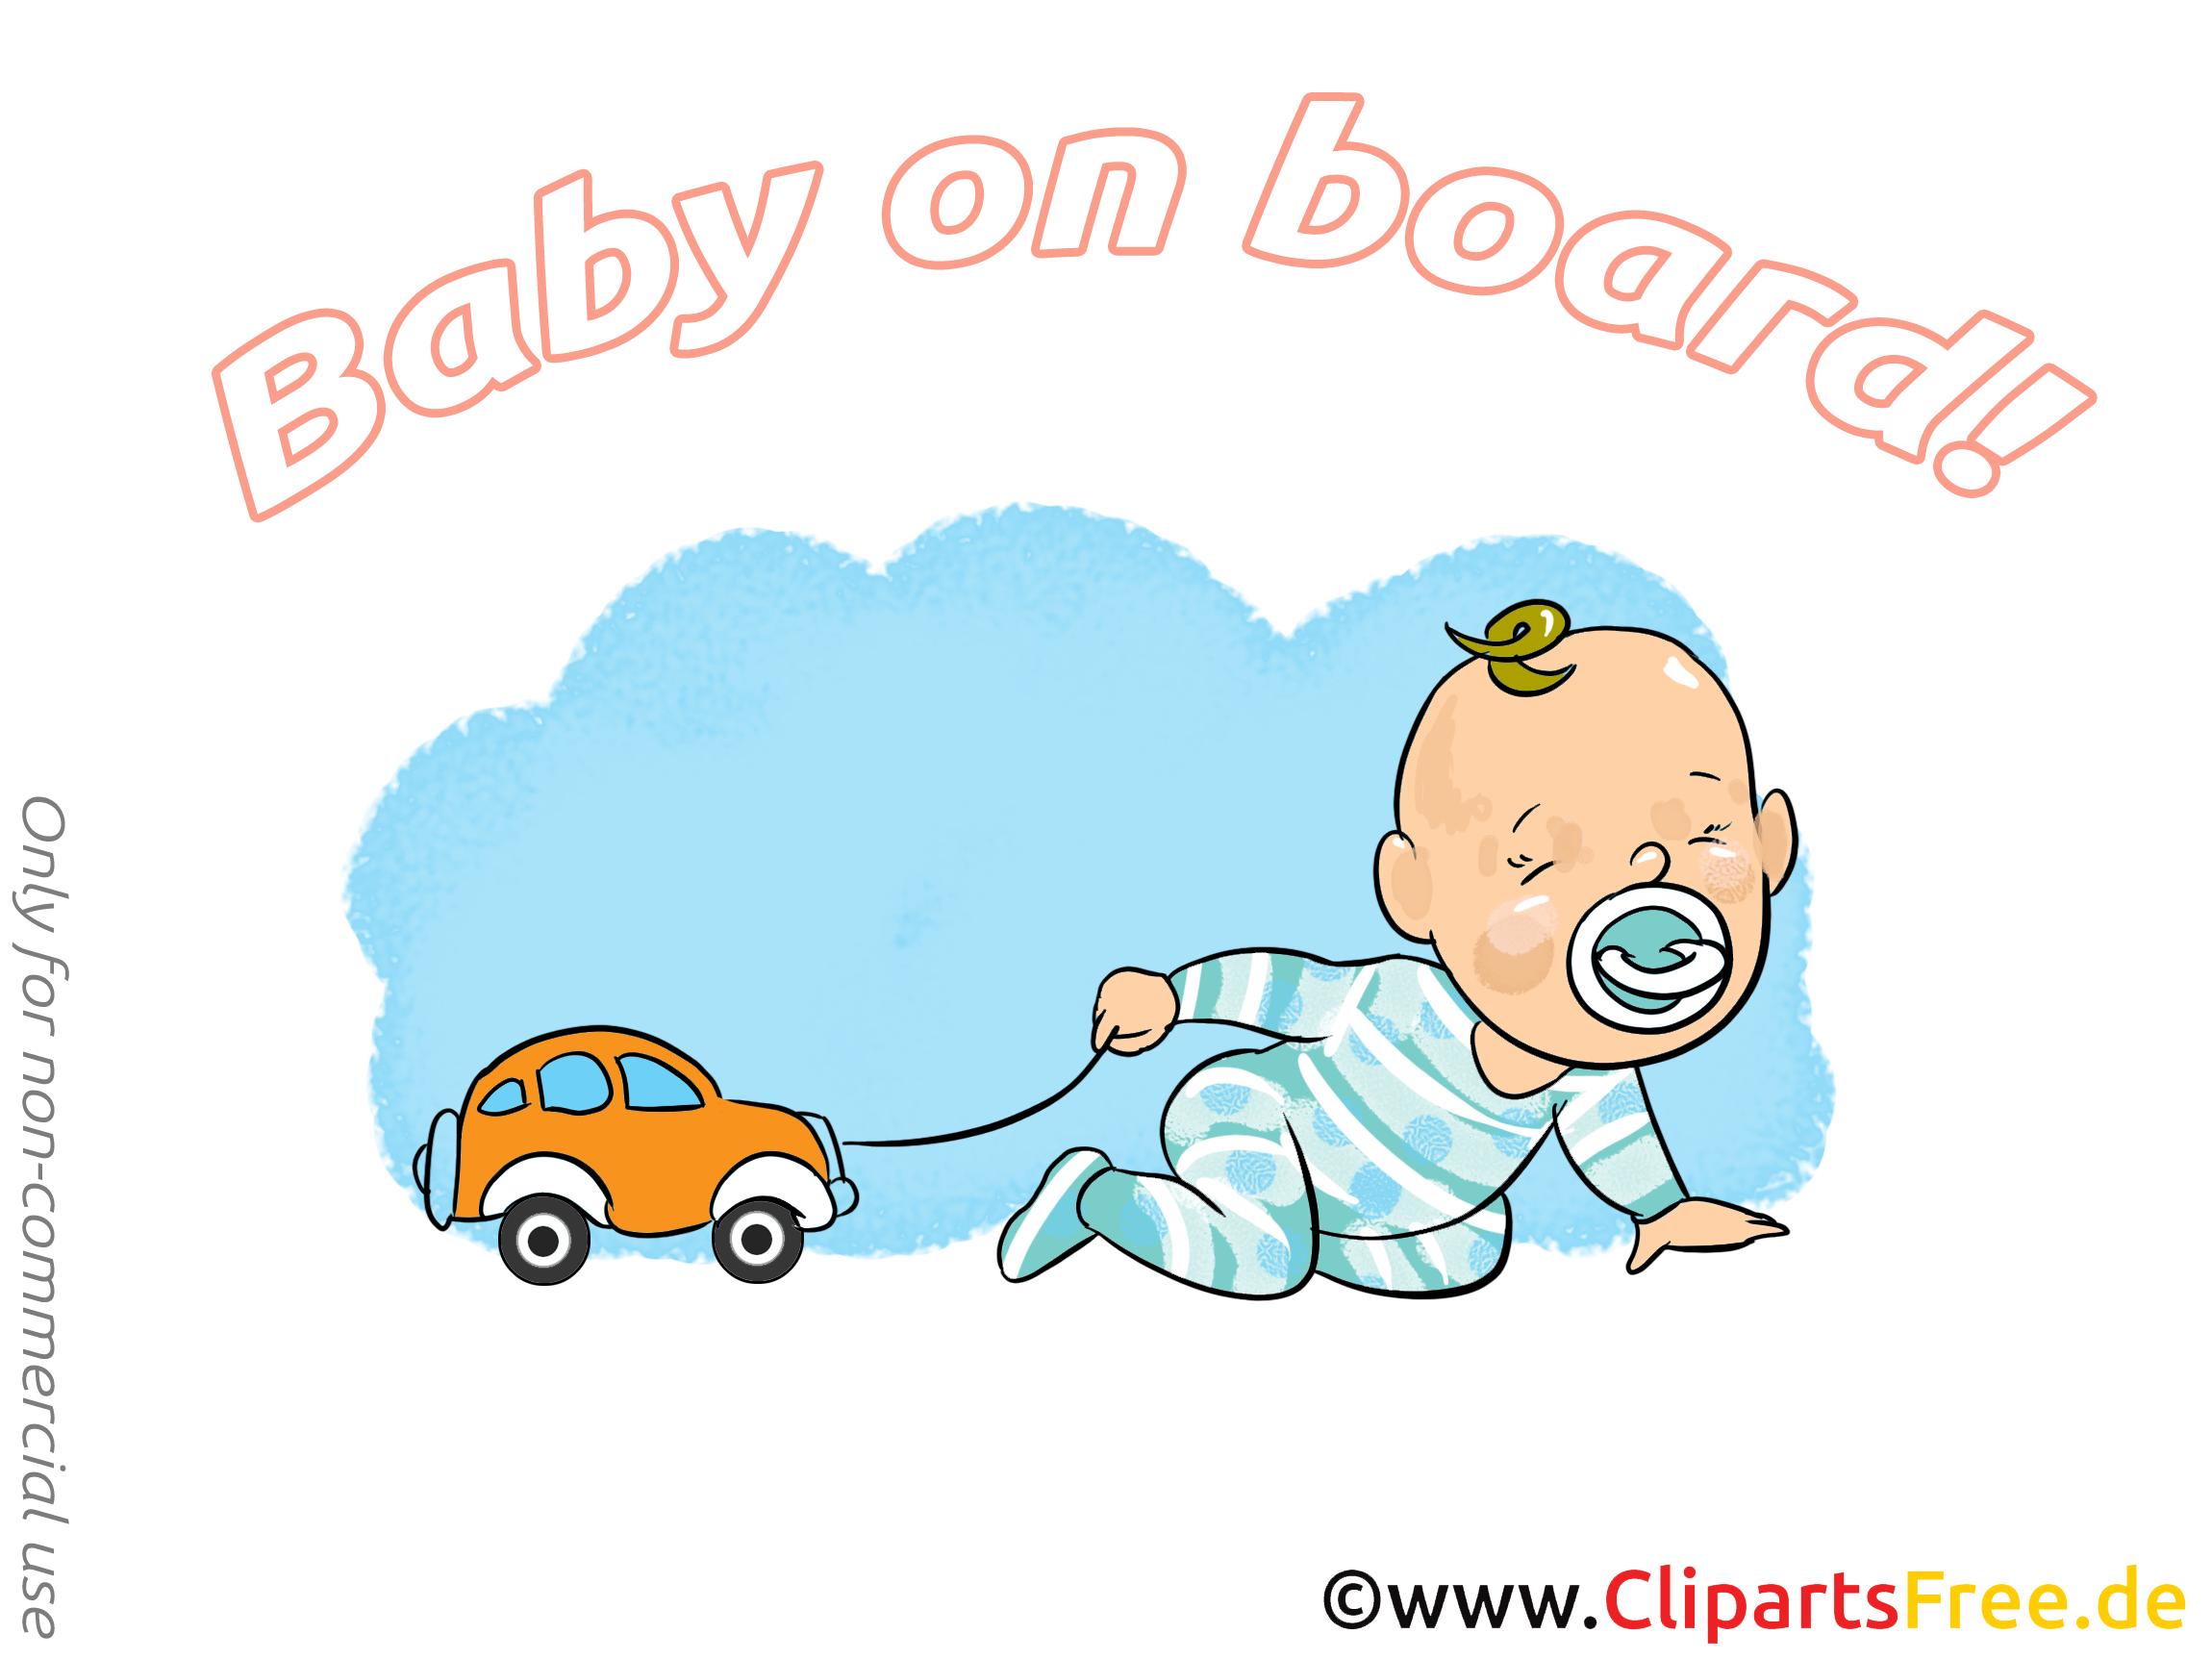 Petite voiture dessin – Bébé à bord à télécharger